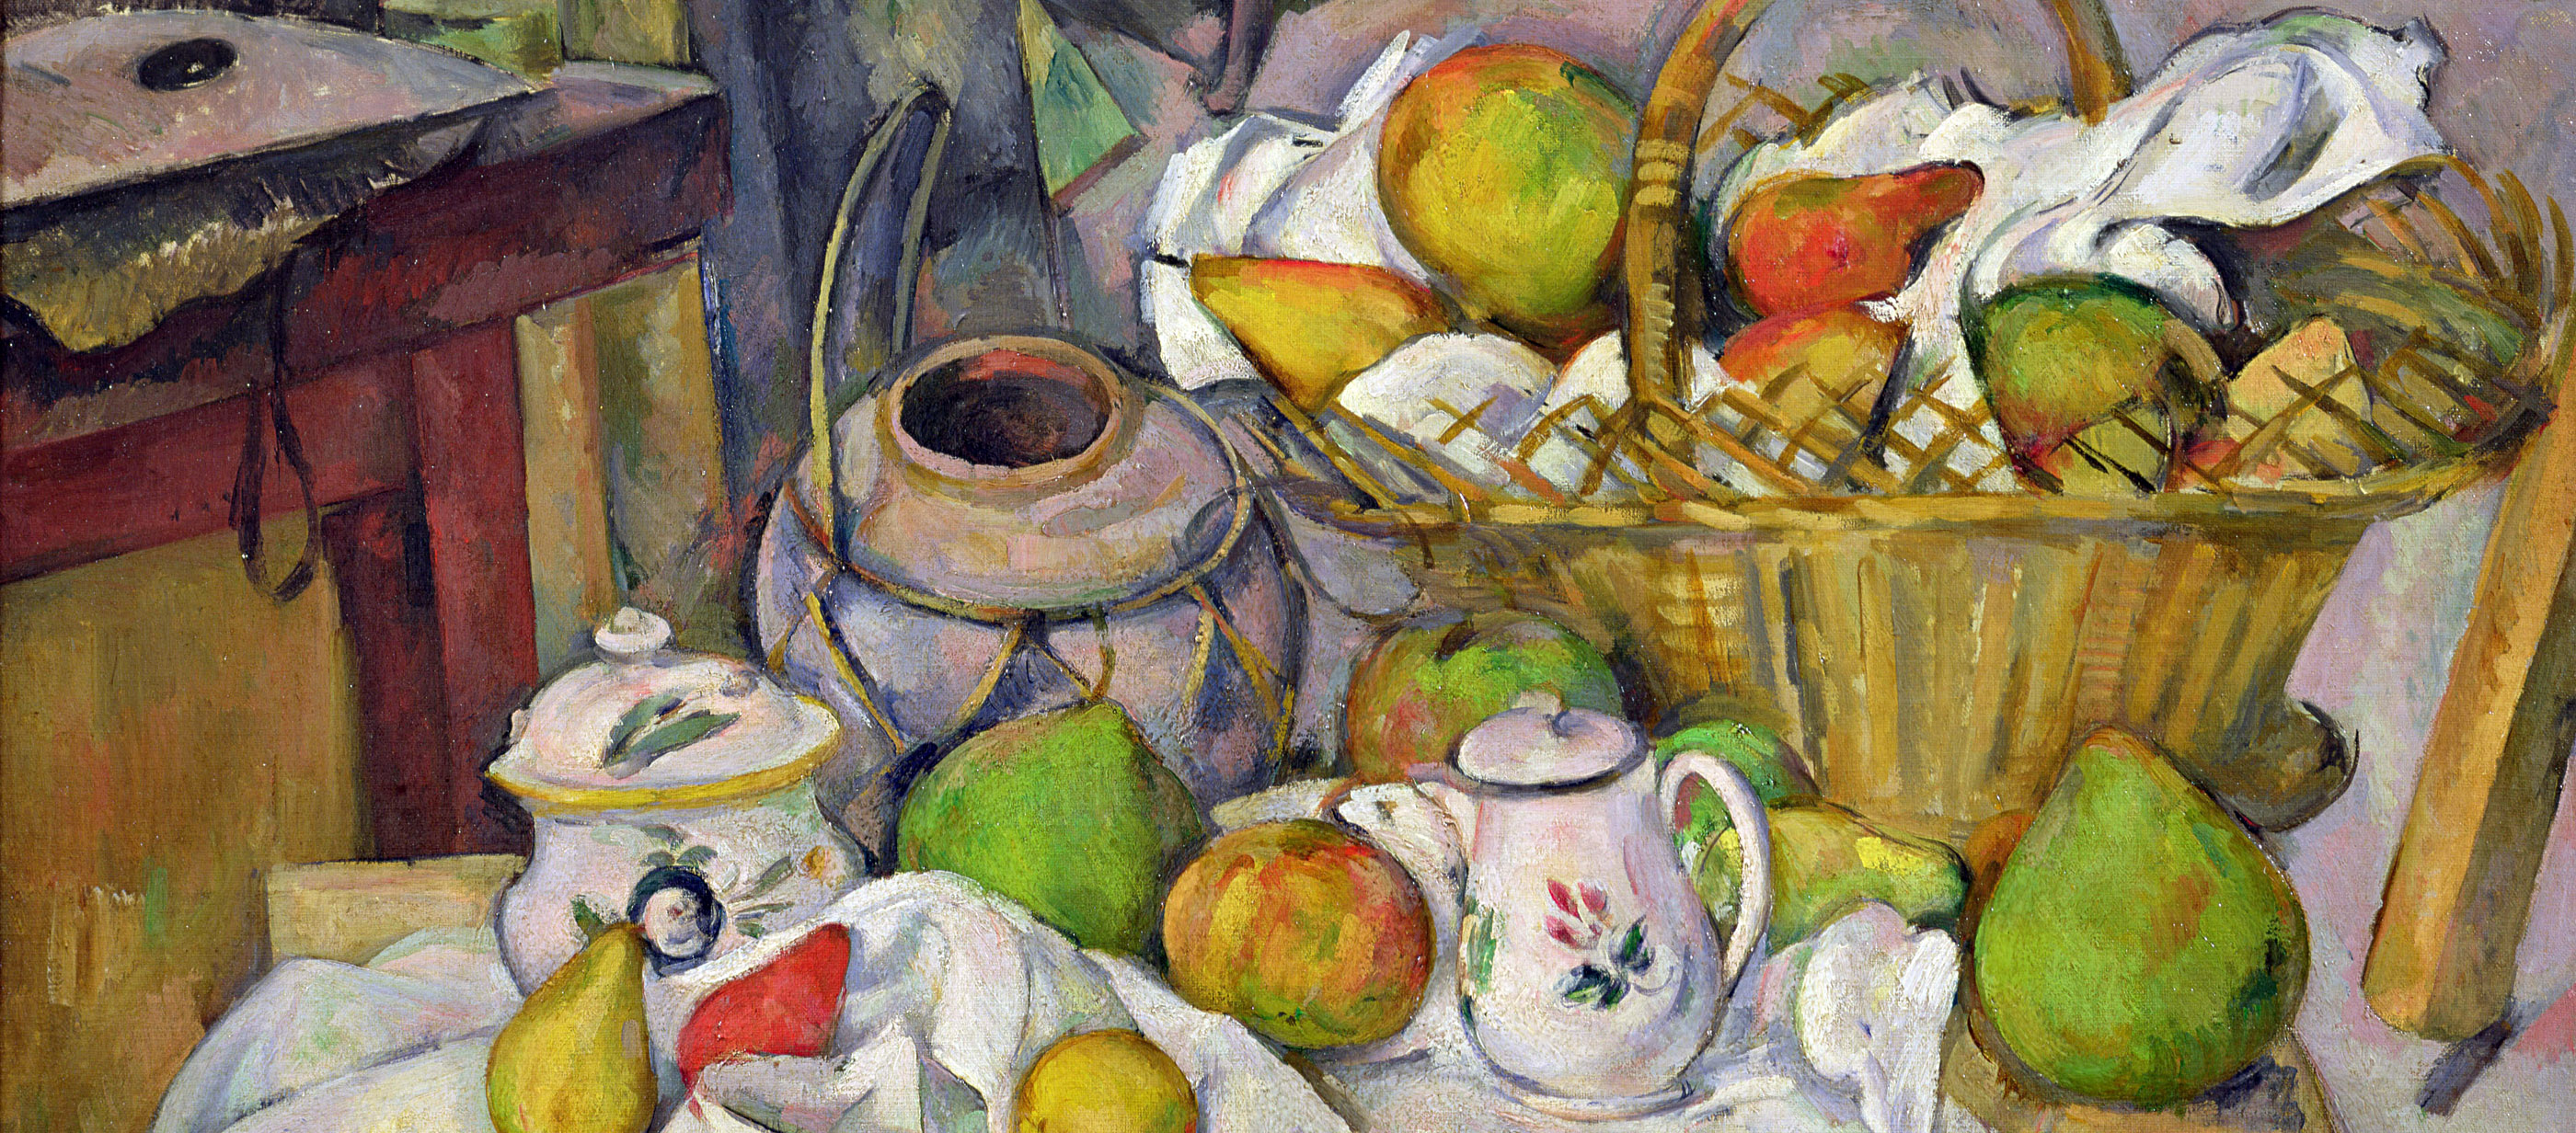 The Kitchen Table, by Paul Cézanne, c. 1889. Musée d'Orsay, Paris..